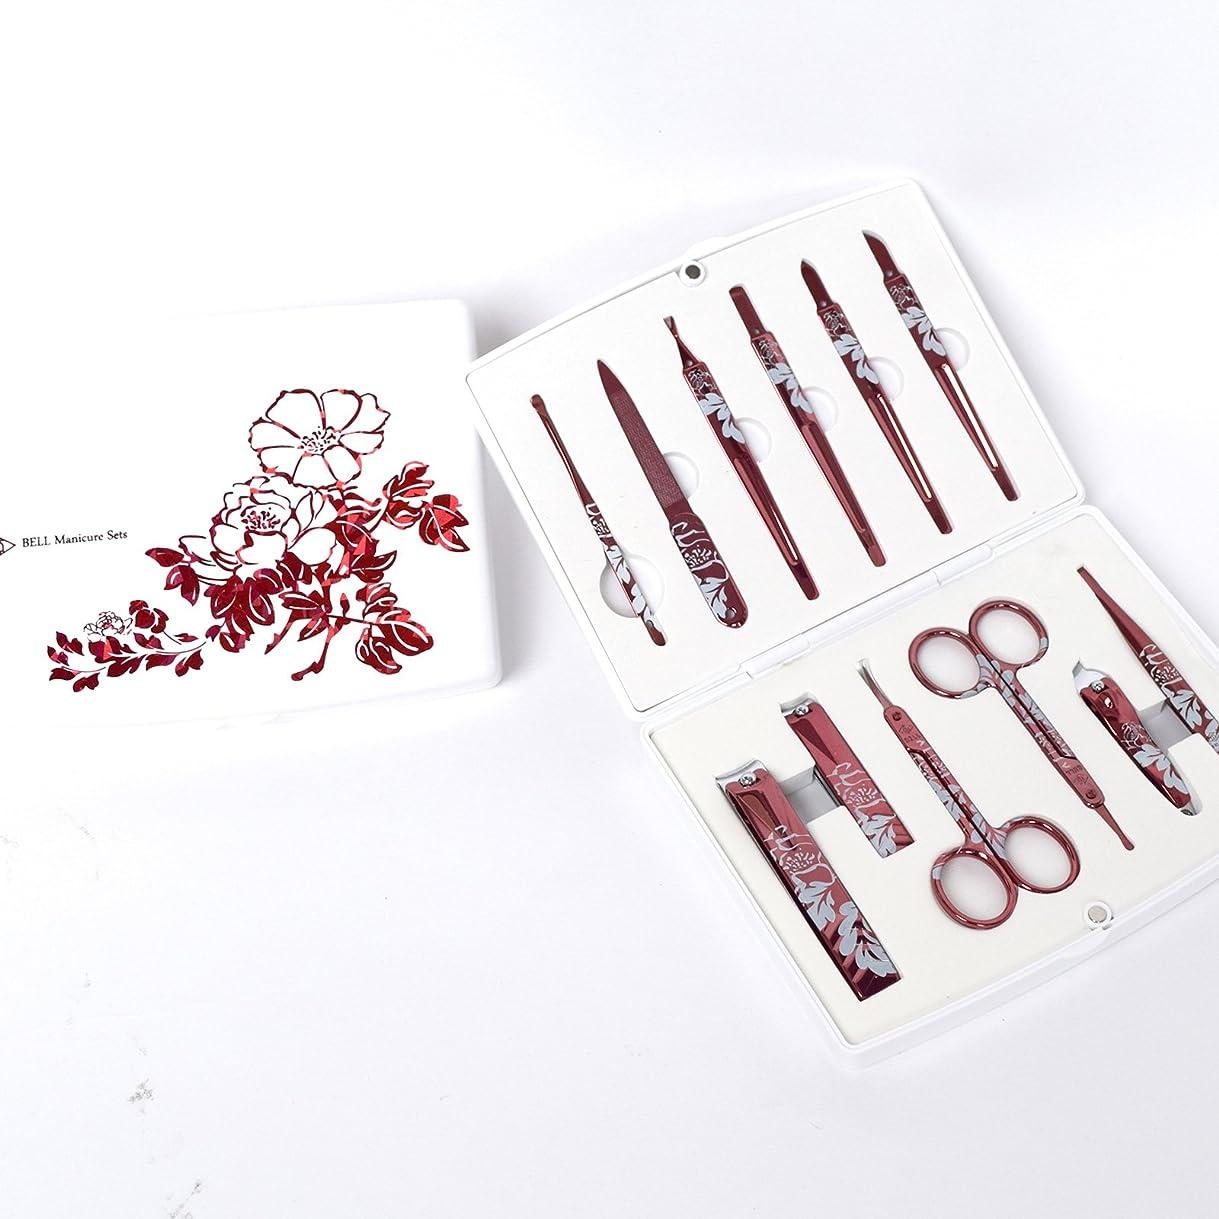 きれいにアトムスクリューBELL Manicure Sets BM-500A ポータブル爪の管理セット 爪切りセット 高品質のネイルケアセット高級感のある東洋画のデザイン Portable Nail Clippers Nail Care Set